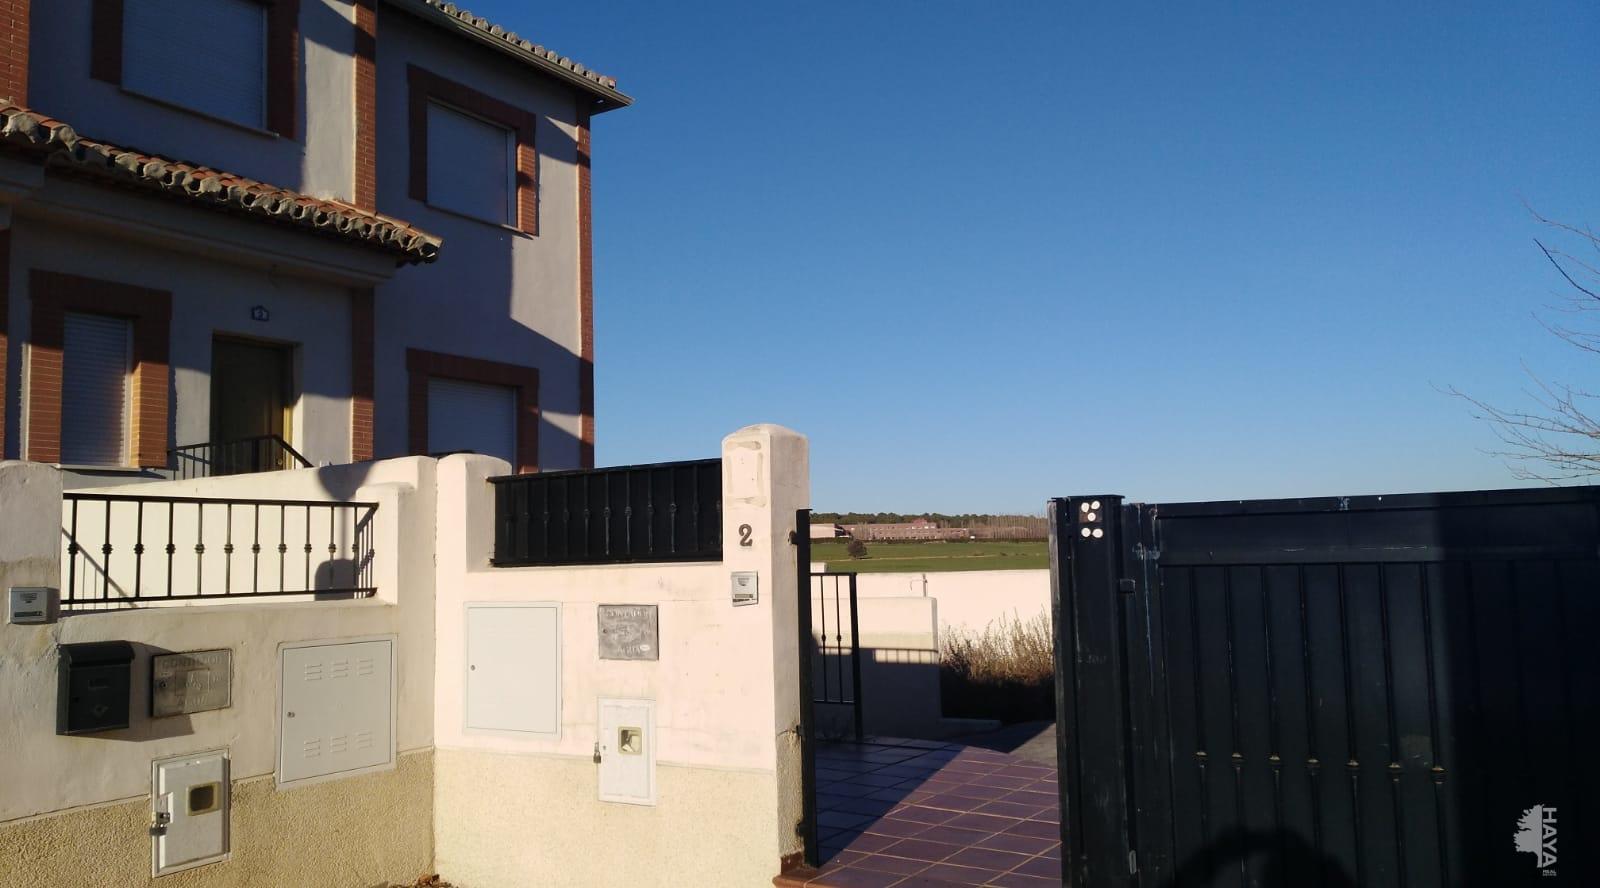 Casa en venta en Urbanización Señorío del Cubillas, Atarfe, Granada, Calle Diego El Cantaor, 230.816 €, 5 habitaciones, 1 baño, 412 m2